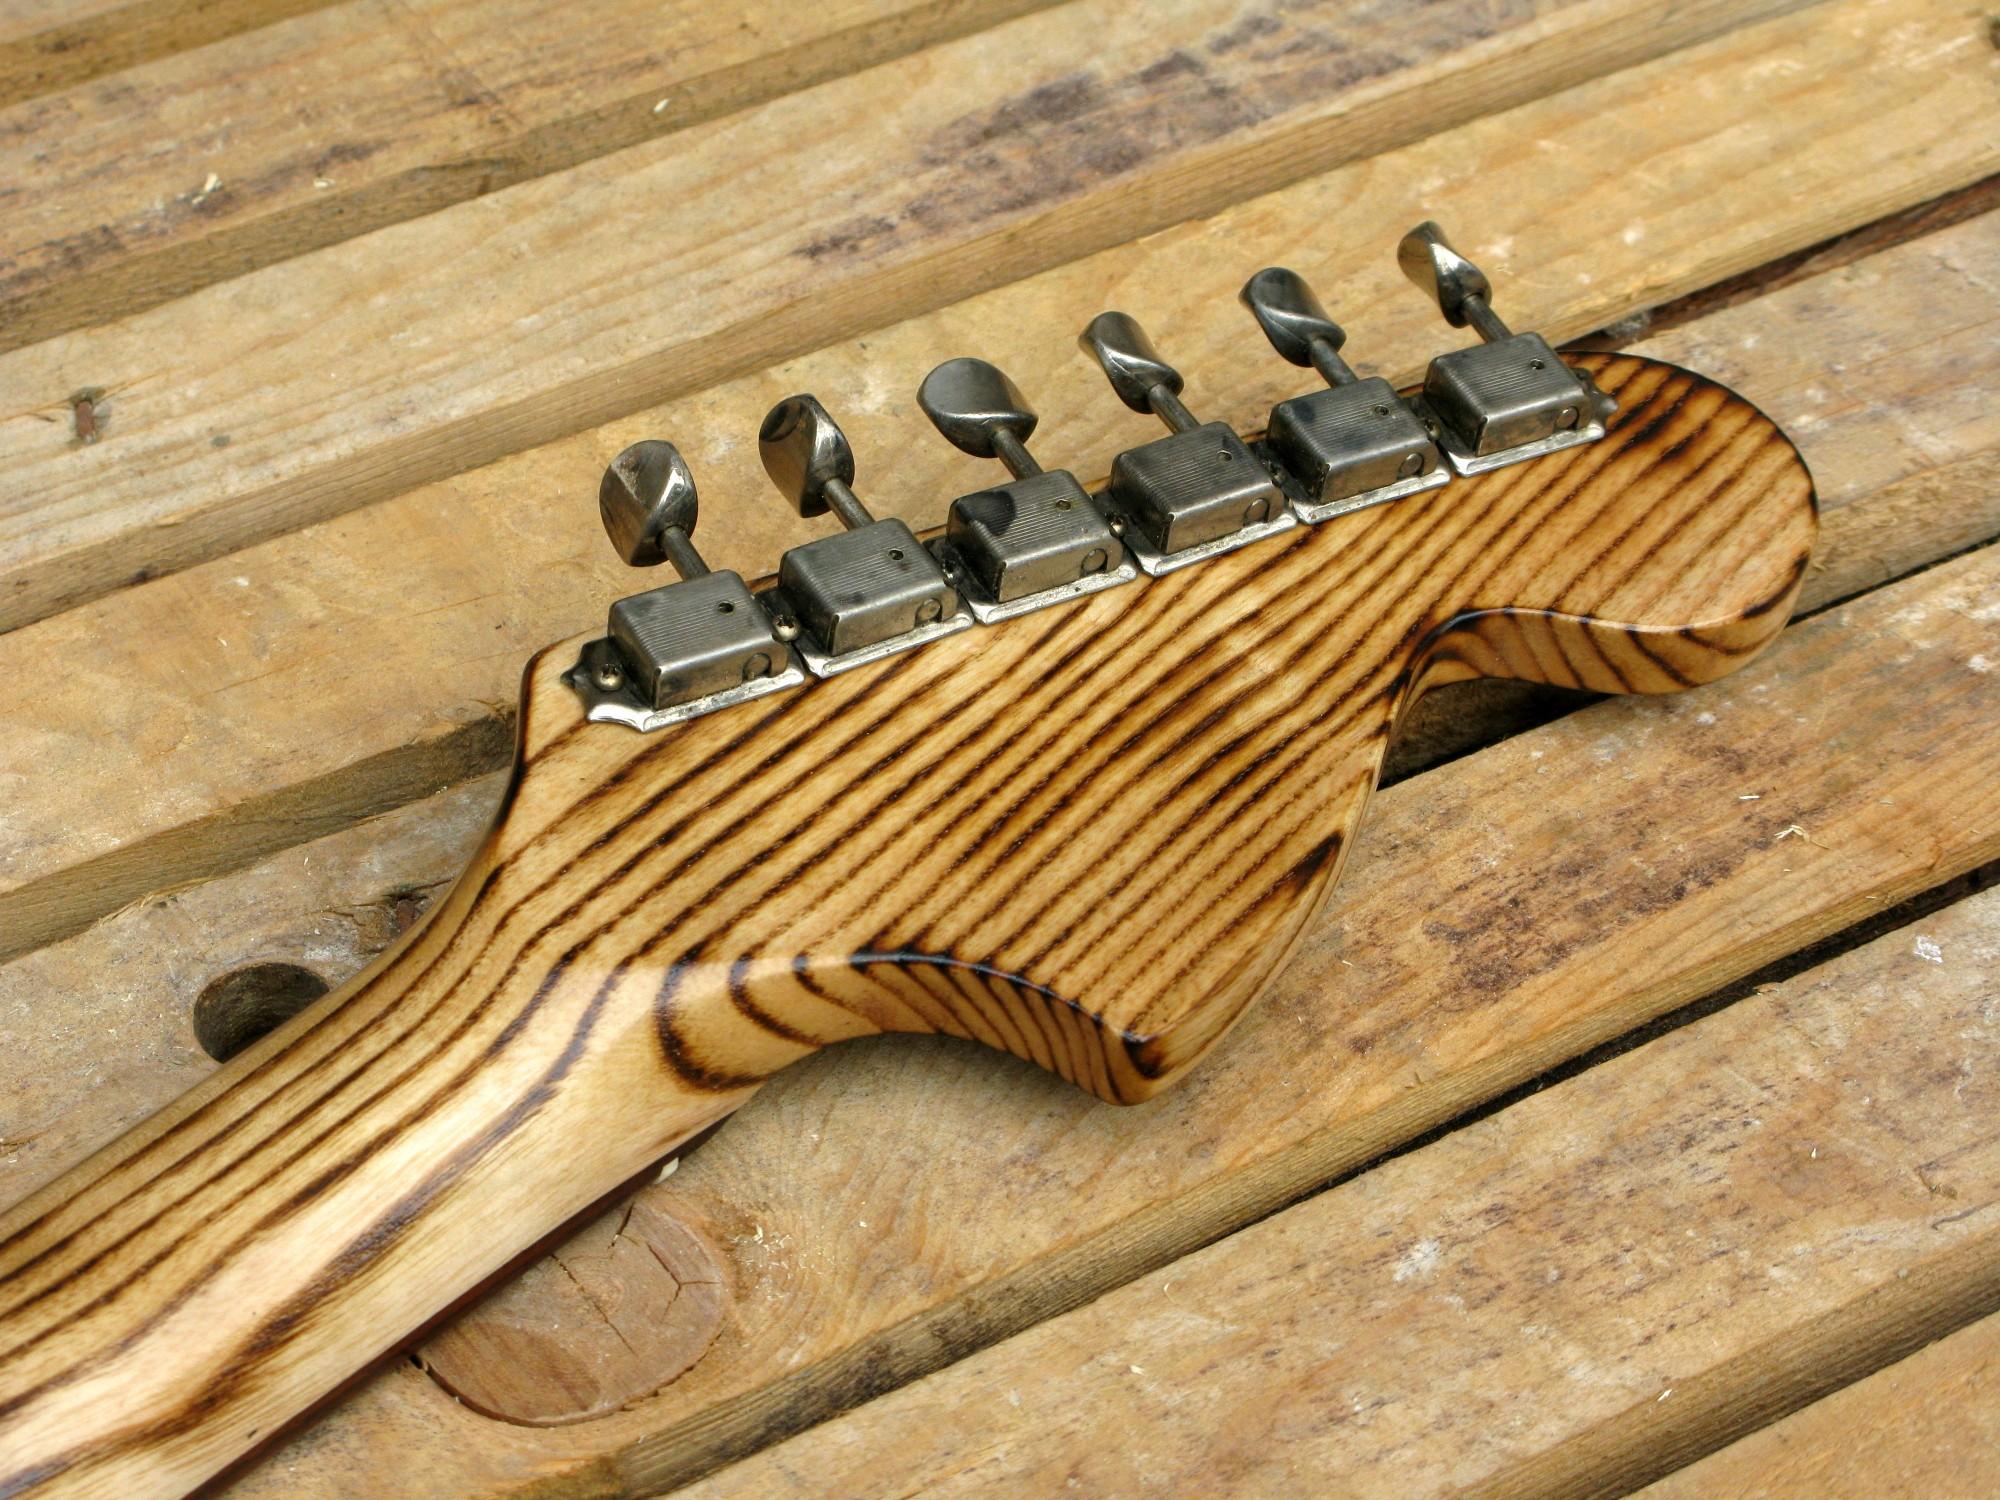 Chitarra modello Stratocaster, body in pino, manico in frassino, reverse: retro palettone